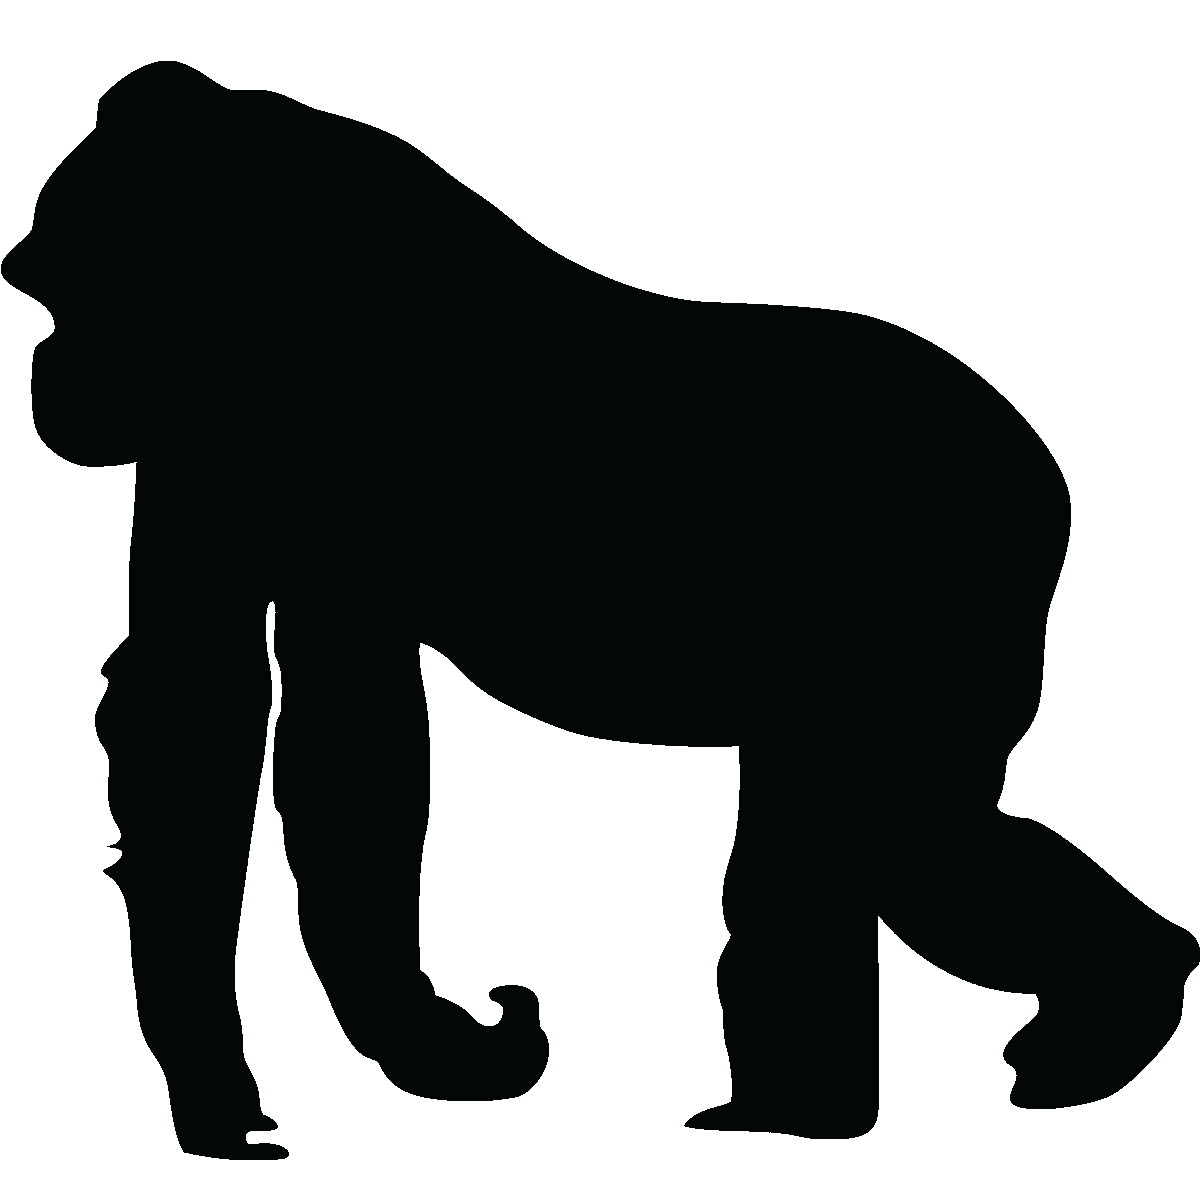 1200x1200 Gorilla Silhouette Silhouette Gorilla Wall